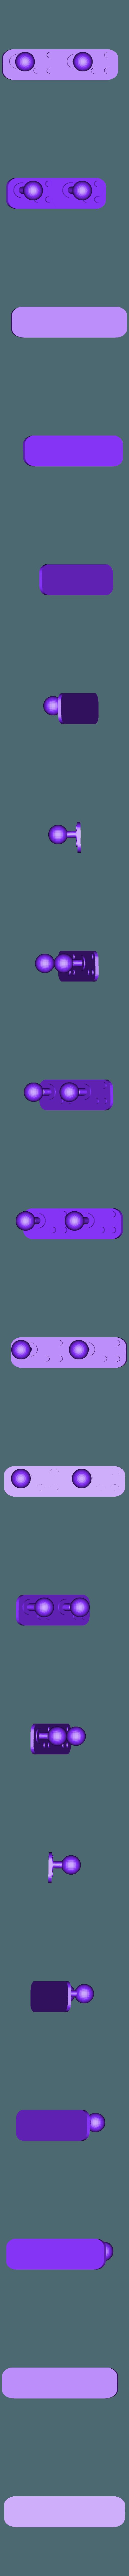 fortnite_retro_arcade_10.stl Télécharger fichier STL gratuit FORTNITE ARCARDE MINI LED . BATAILLE ROYALE • Design à imprimer en 3D, gaaraa